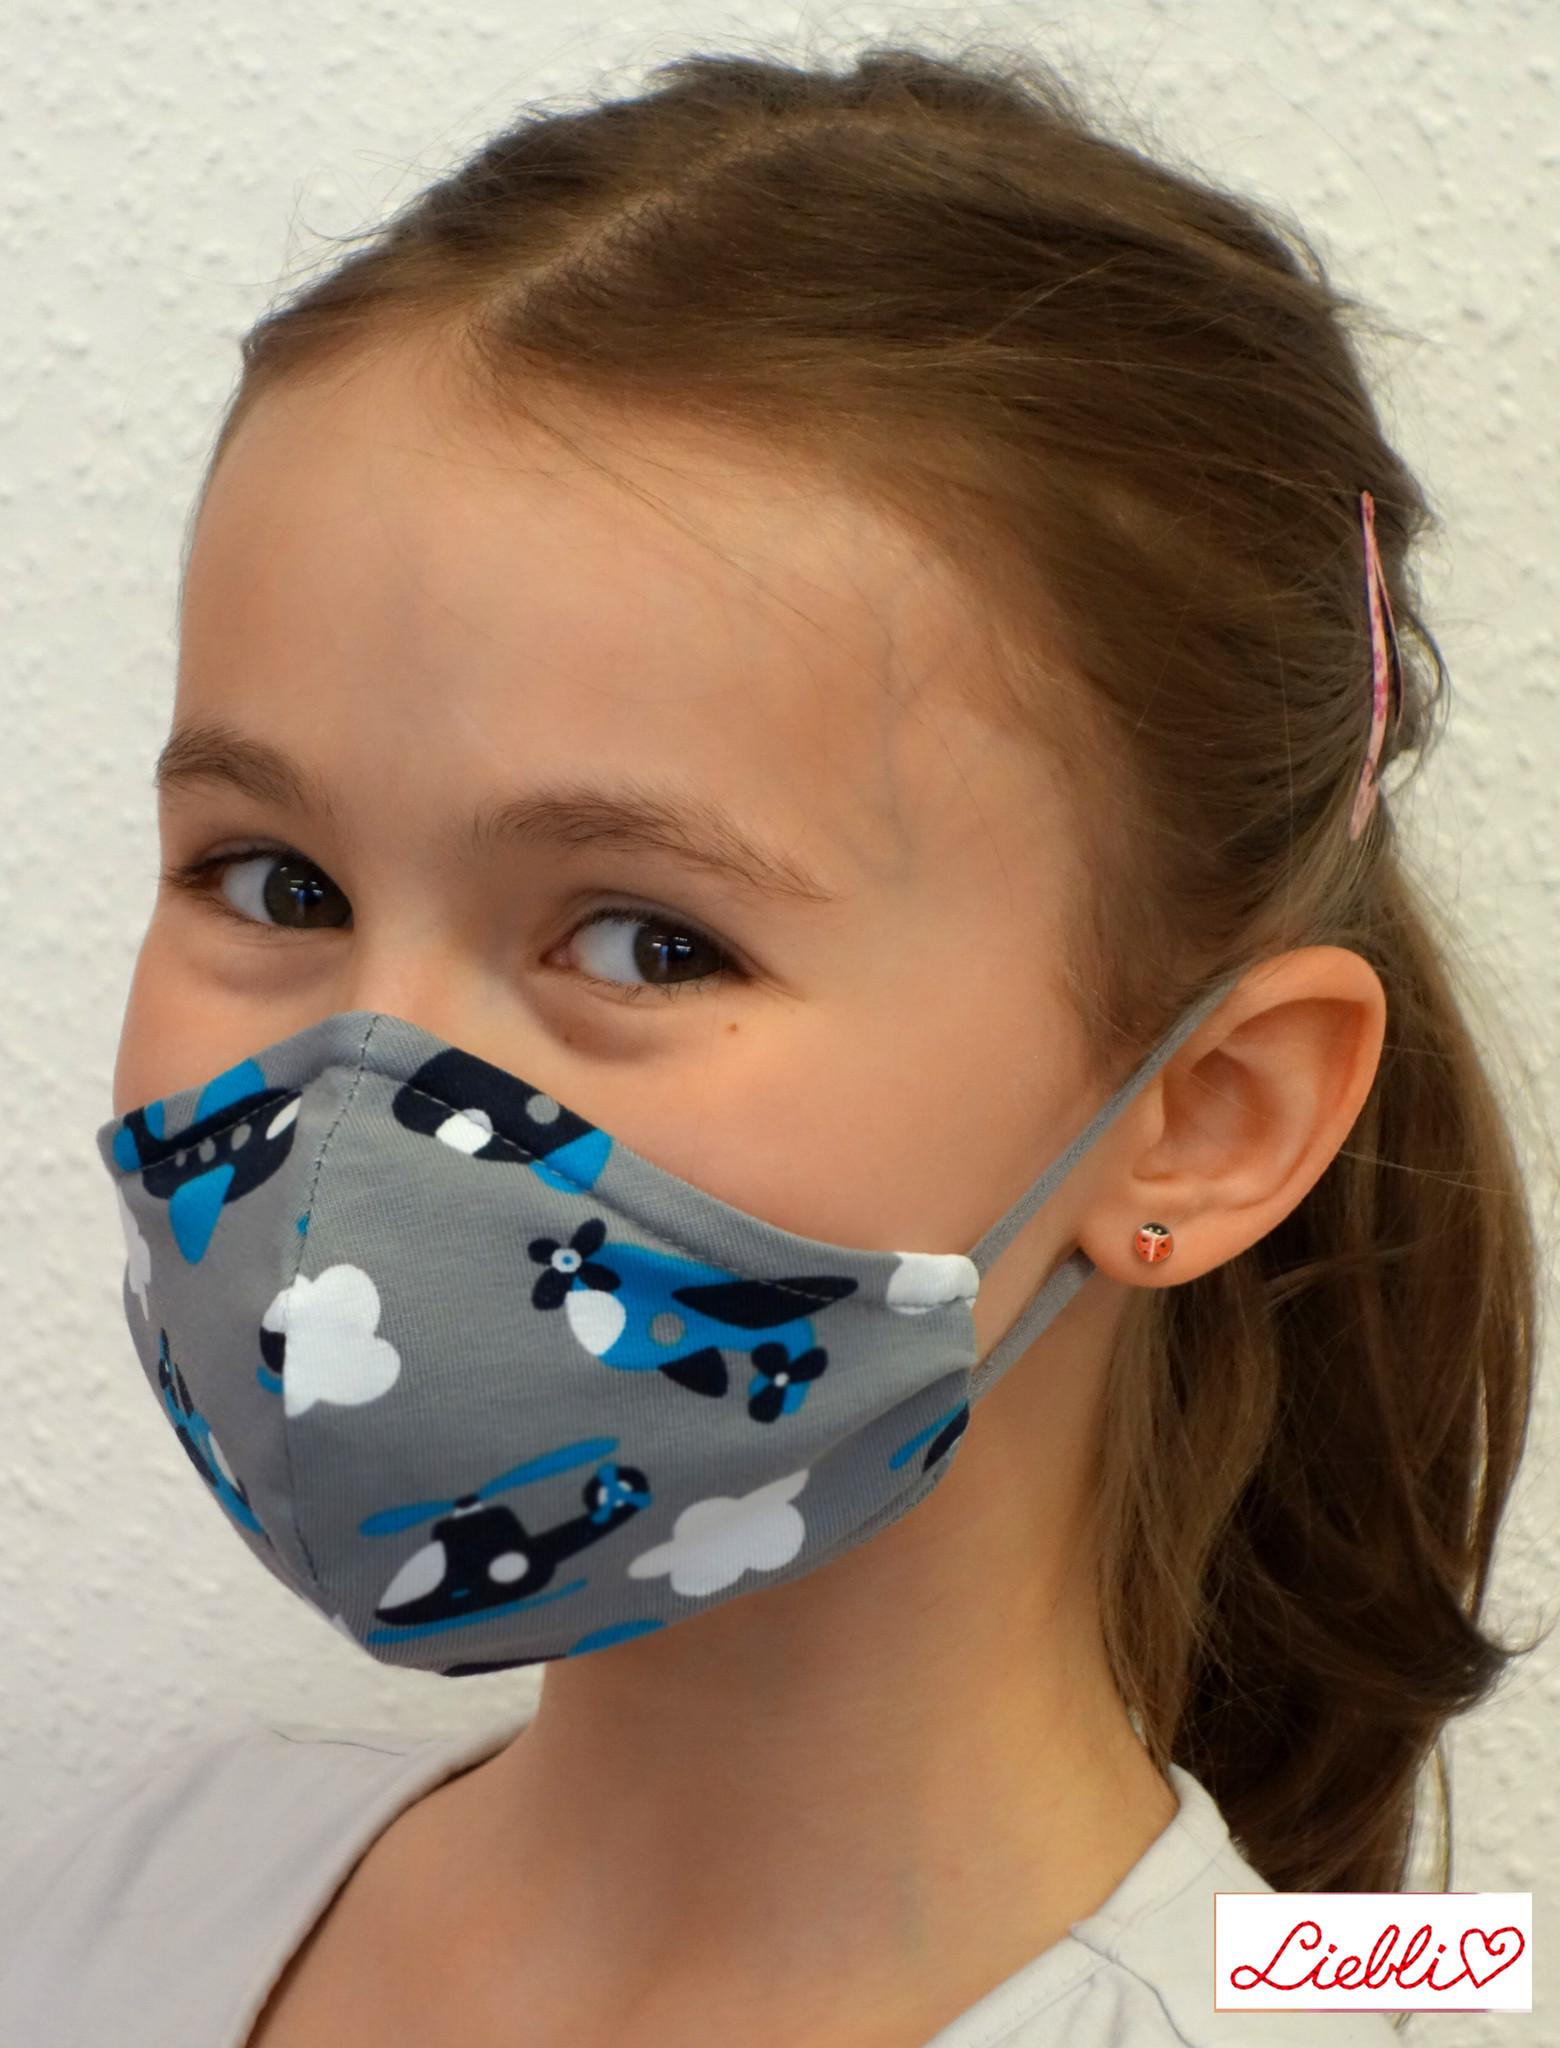 Kindermaske, Kinder Mundschutz, Mund-Nasen-Maske Flugzeuge grau blau